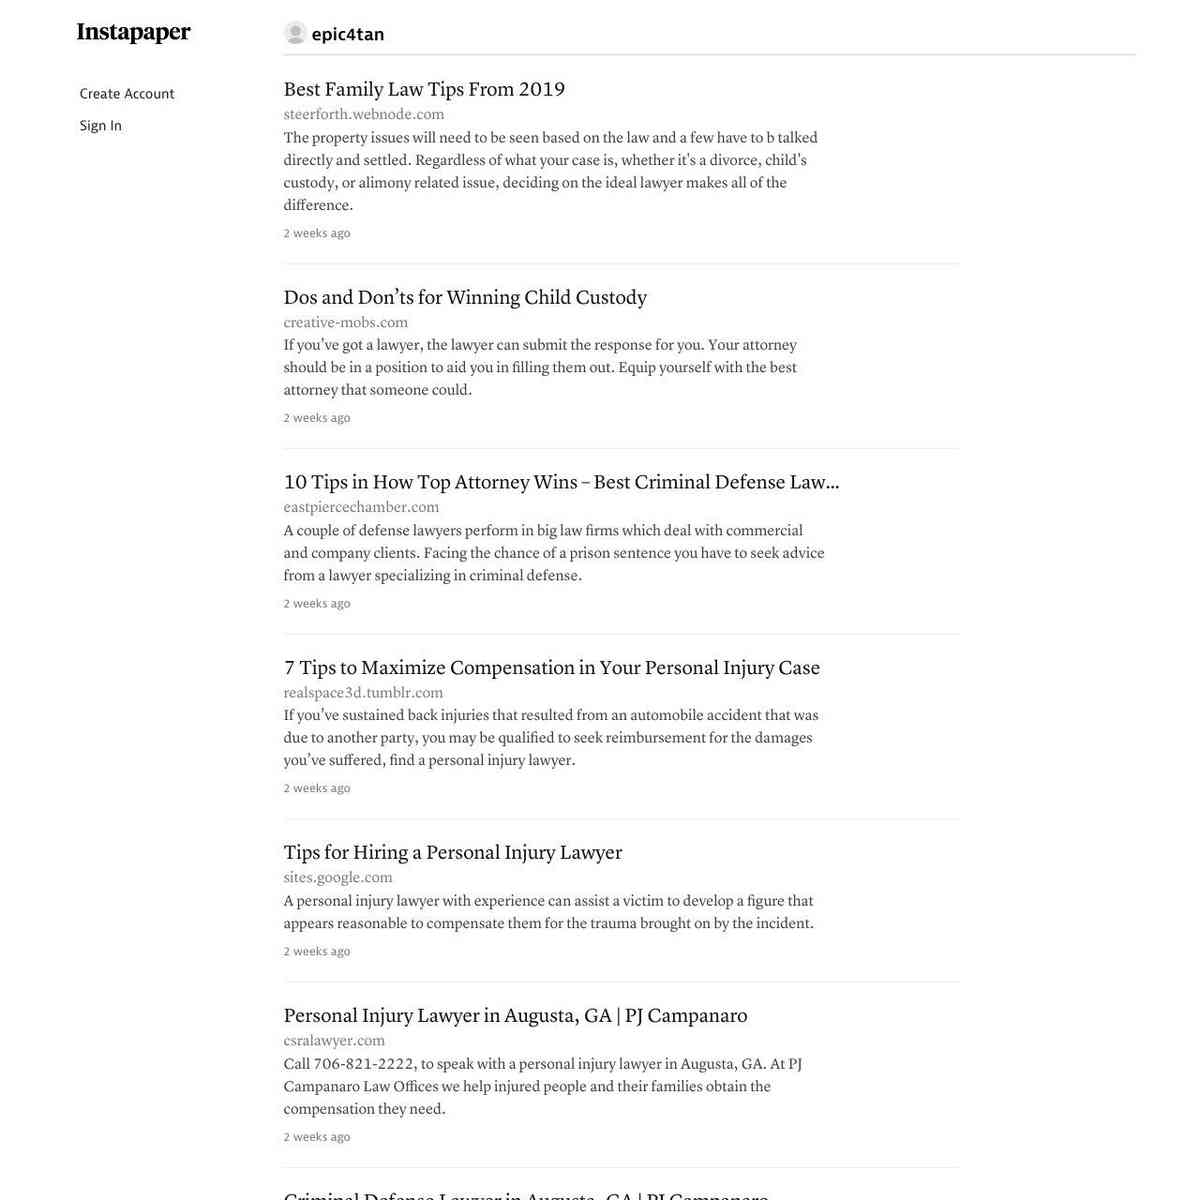 Instapaper Marketing Blog